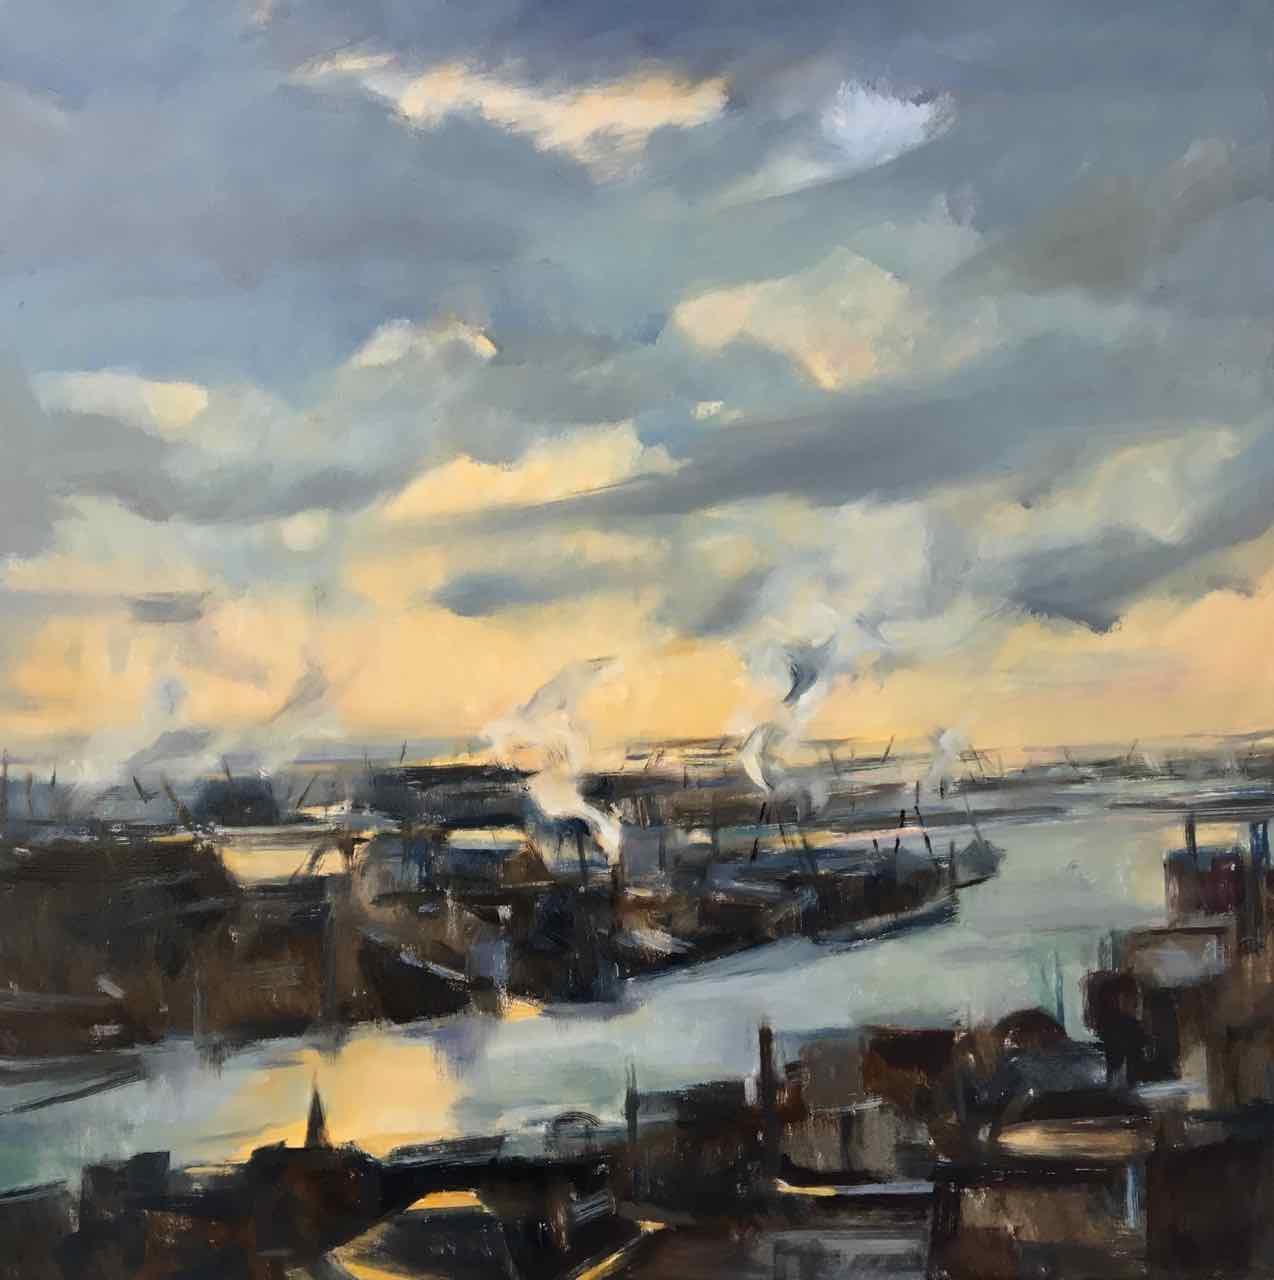 Port de Hambourg - 2017